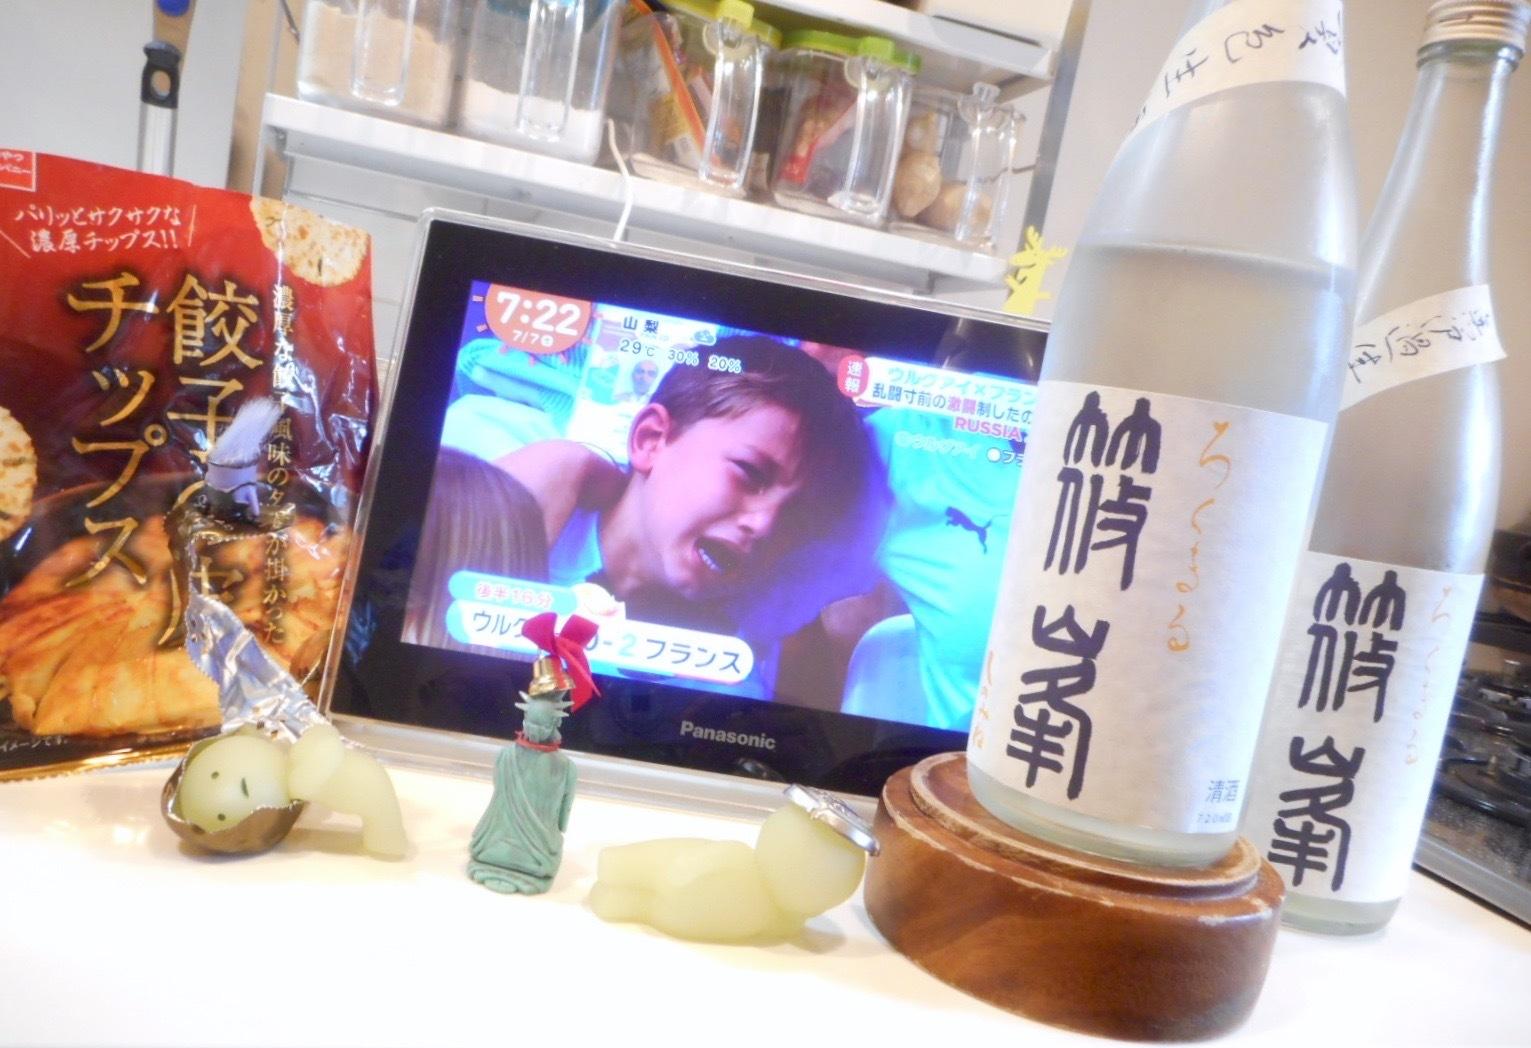 rokumaru_oyama夏色29by1